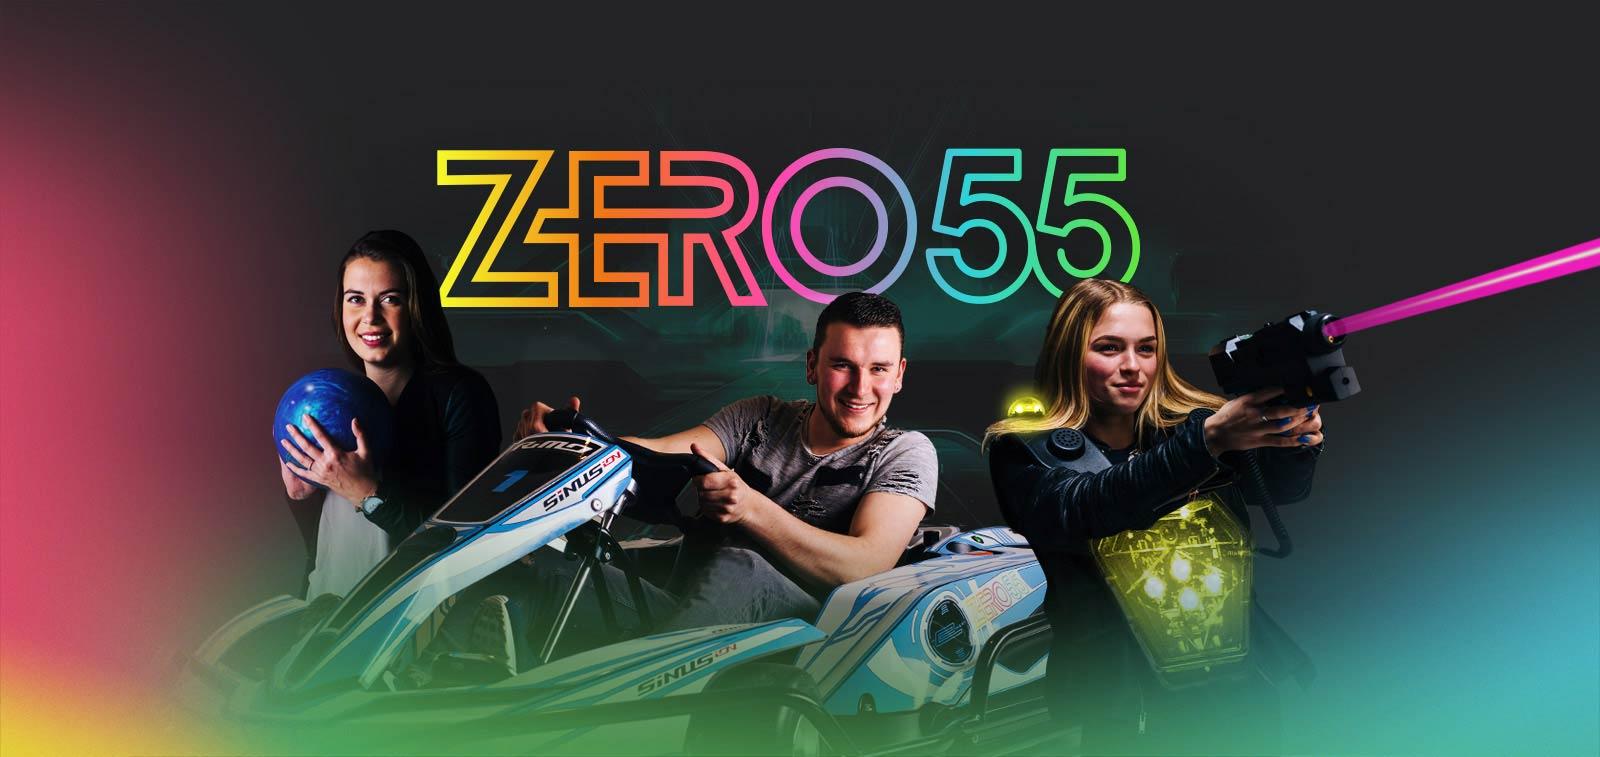 Karten, lasergamen en bowlen bij ZERO55 in Apeldoorn